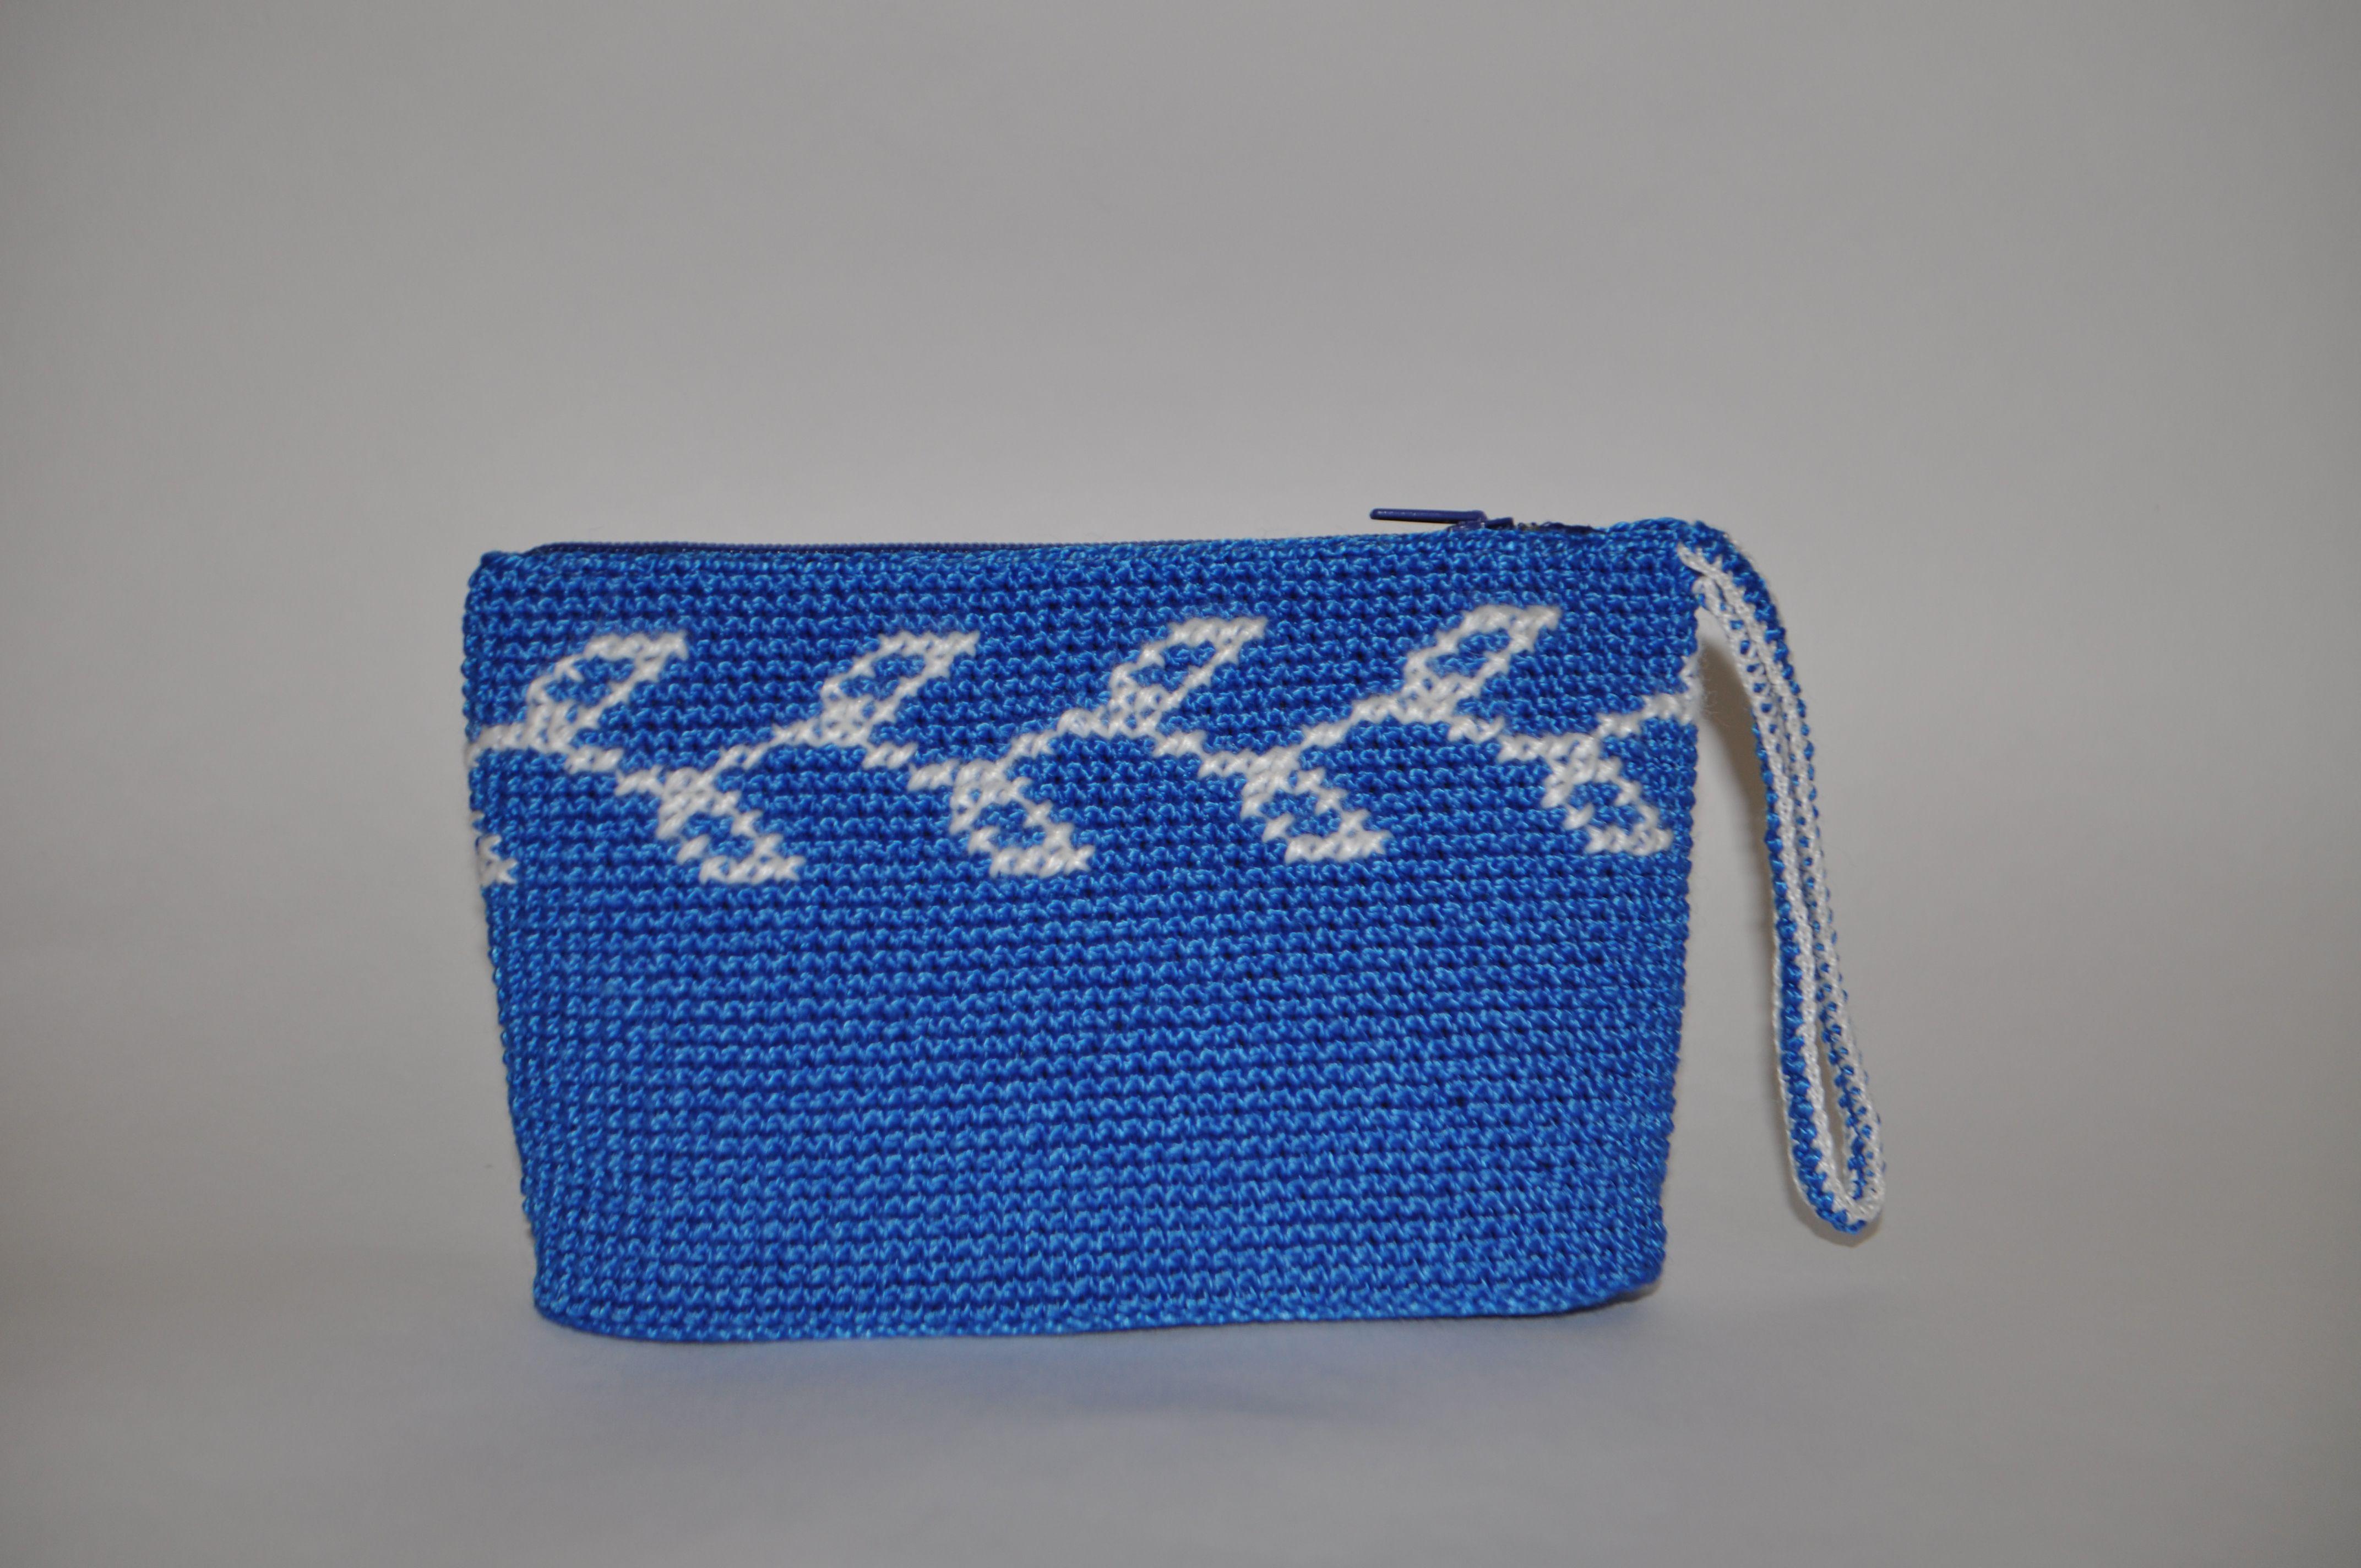 крестом на вышивка косметичка день рождения год новый сумка крючком работа с ручная сувенир праздник косметика клатч молнией подкладке белым синяя крестиком подарок вязаная